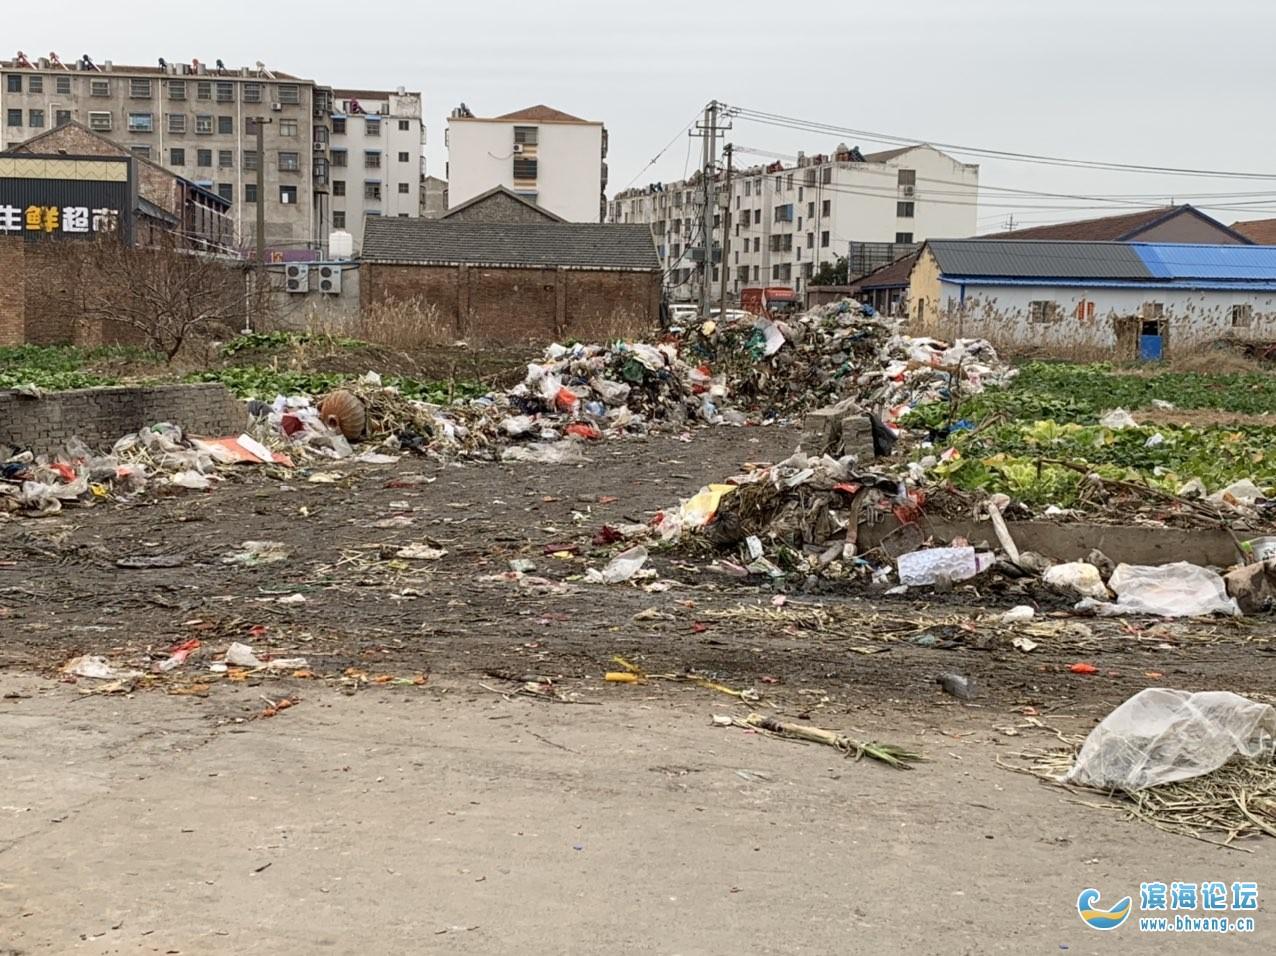 五汛—触目惊心的垃圾堆场